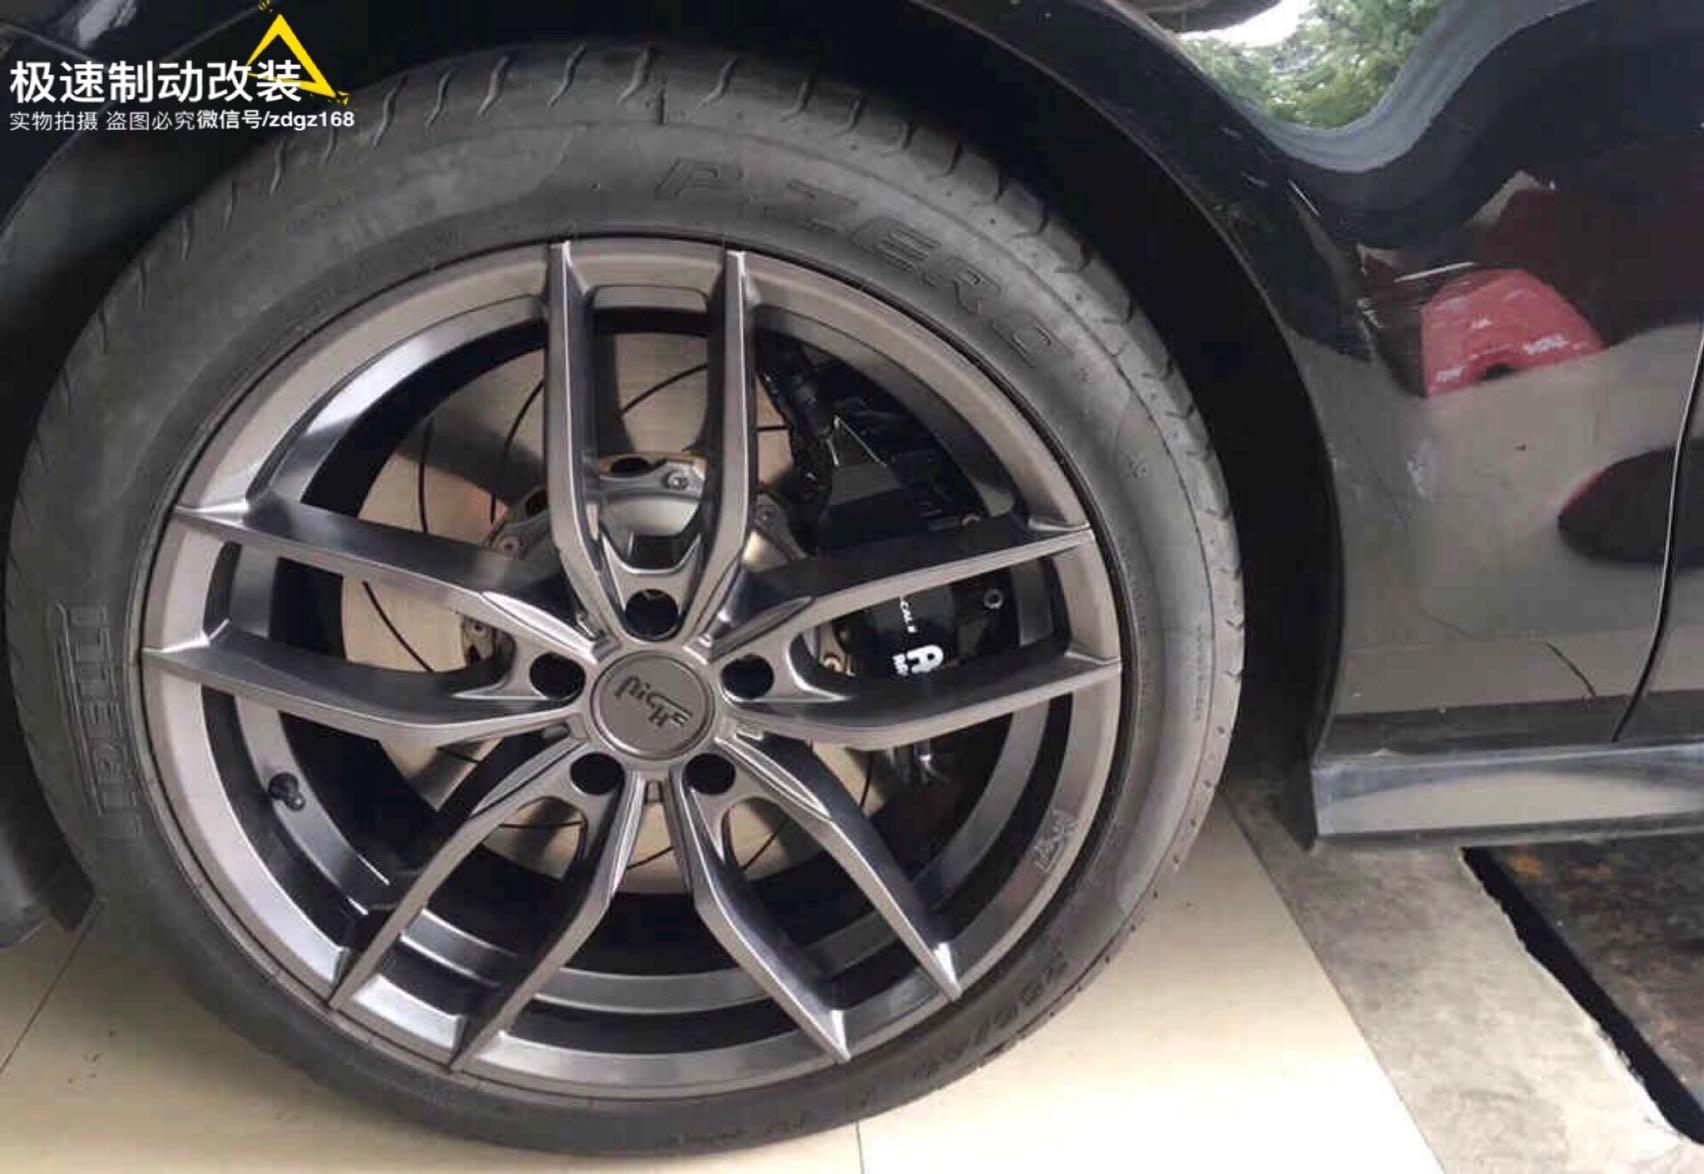 黑武士奥迪A7 刹车升级前轮Ap9560大六活塞刹车套件!完美上车,轮毂好饱满。